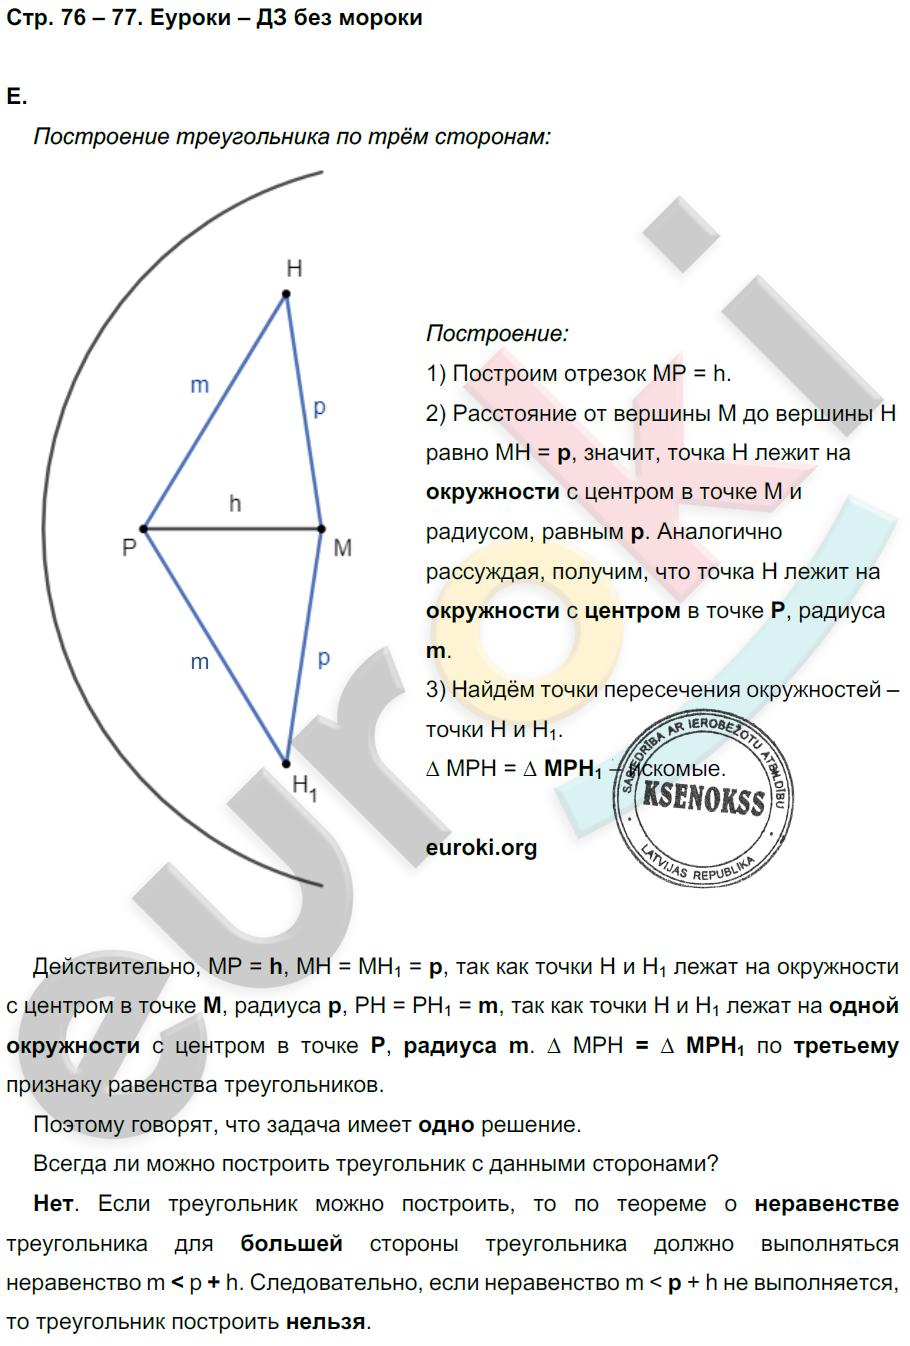 ГДЗ по геометрии 7 класс рабочая тетрадь Глазков, Камаев. К учебнику Атанасяна. Задание: стр. 77